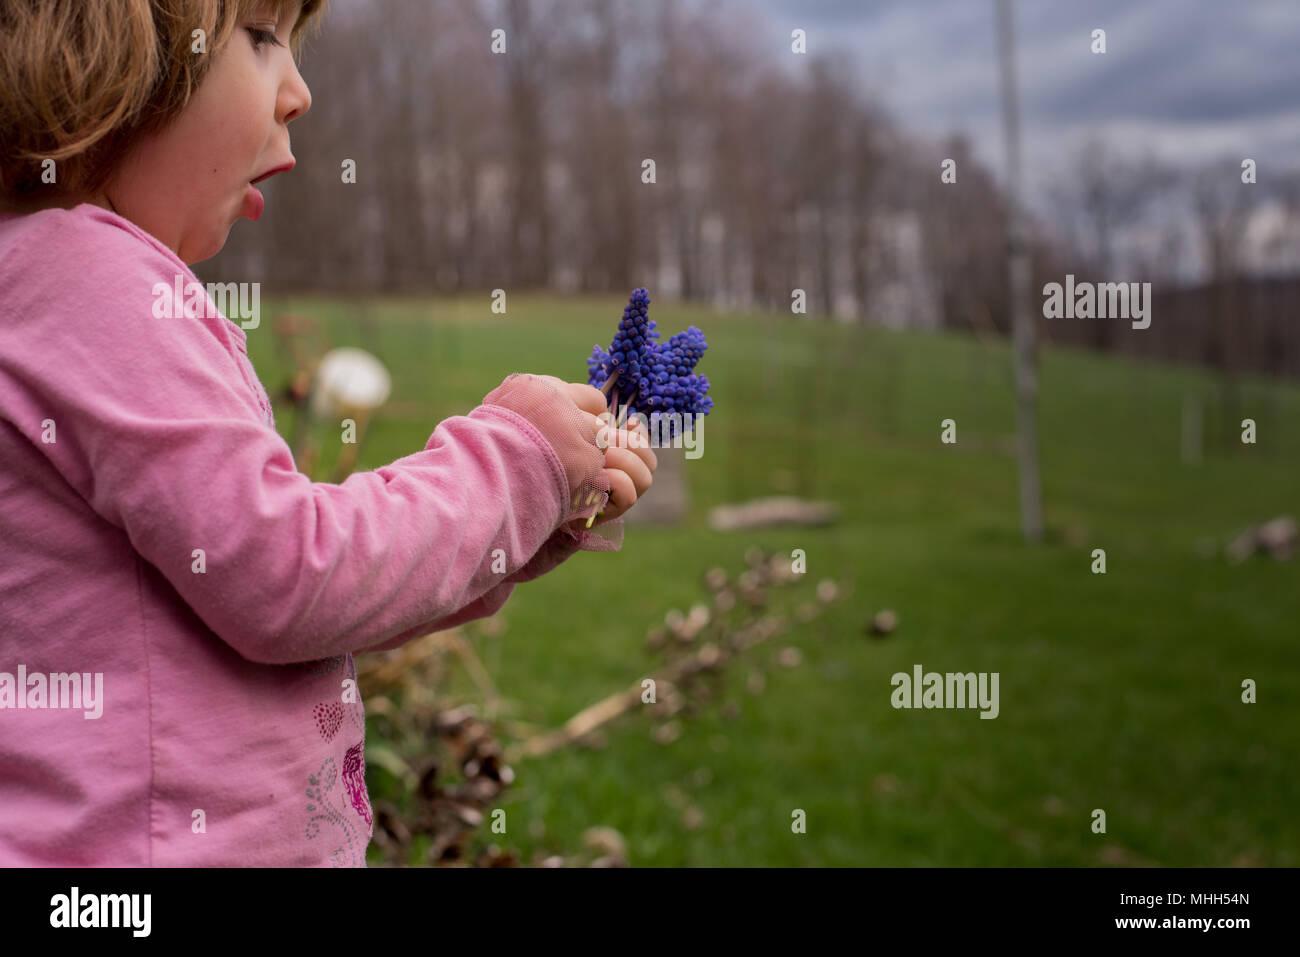 Una bambina tiene un bouquet di giacinti viola i fiori in primavera. Immagini Stock